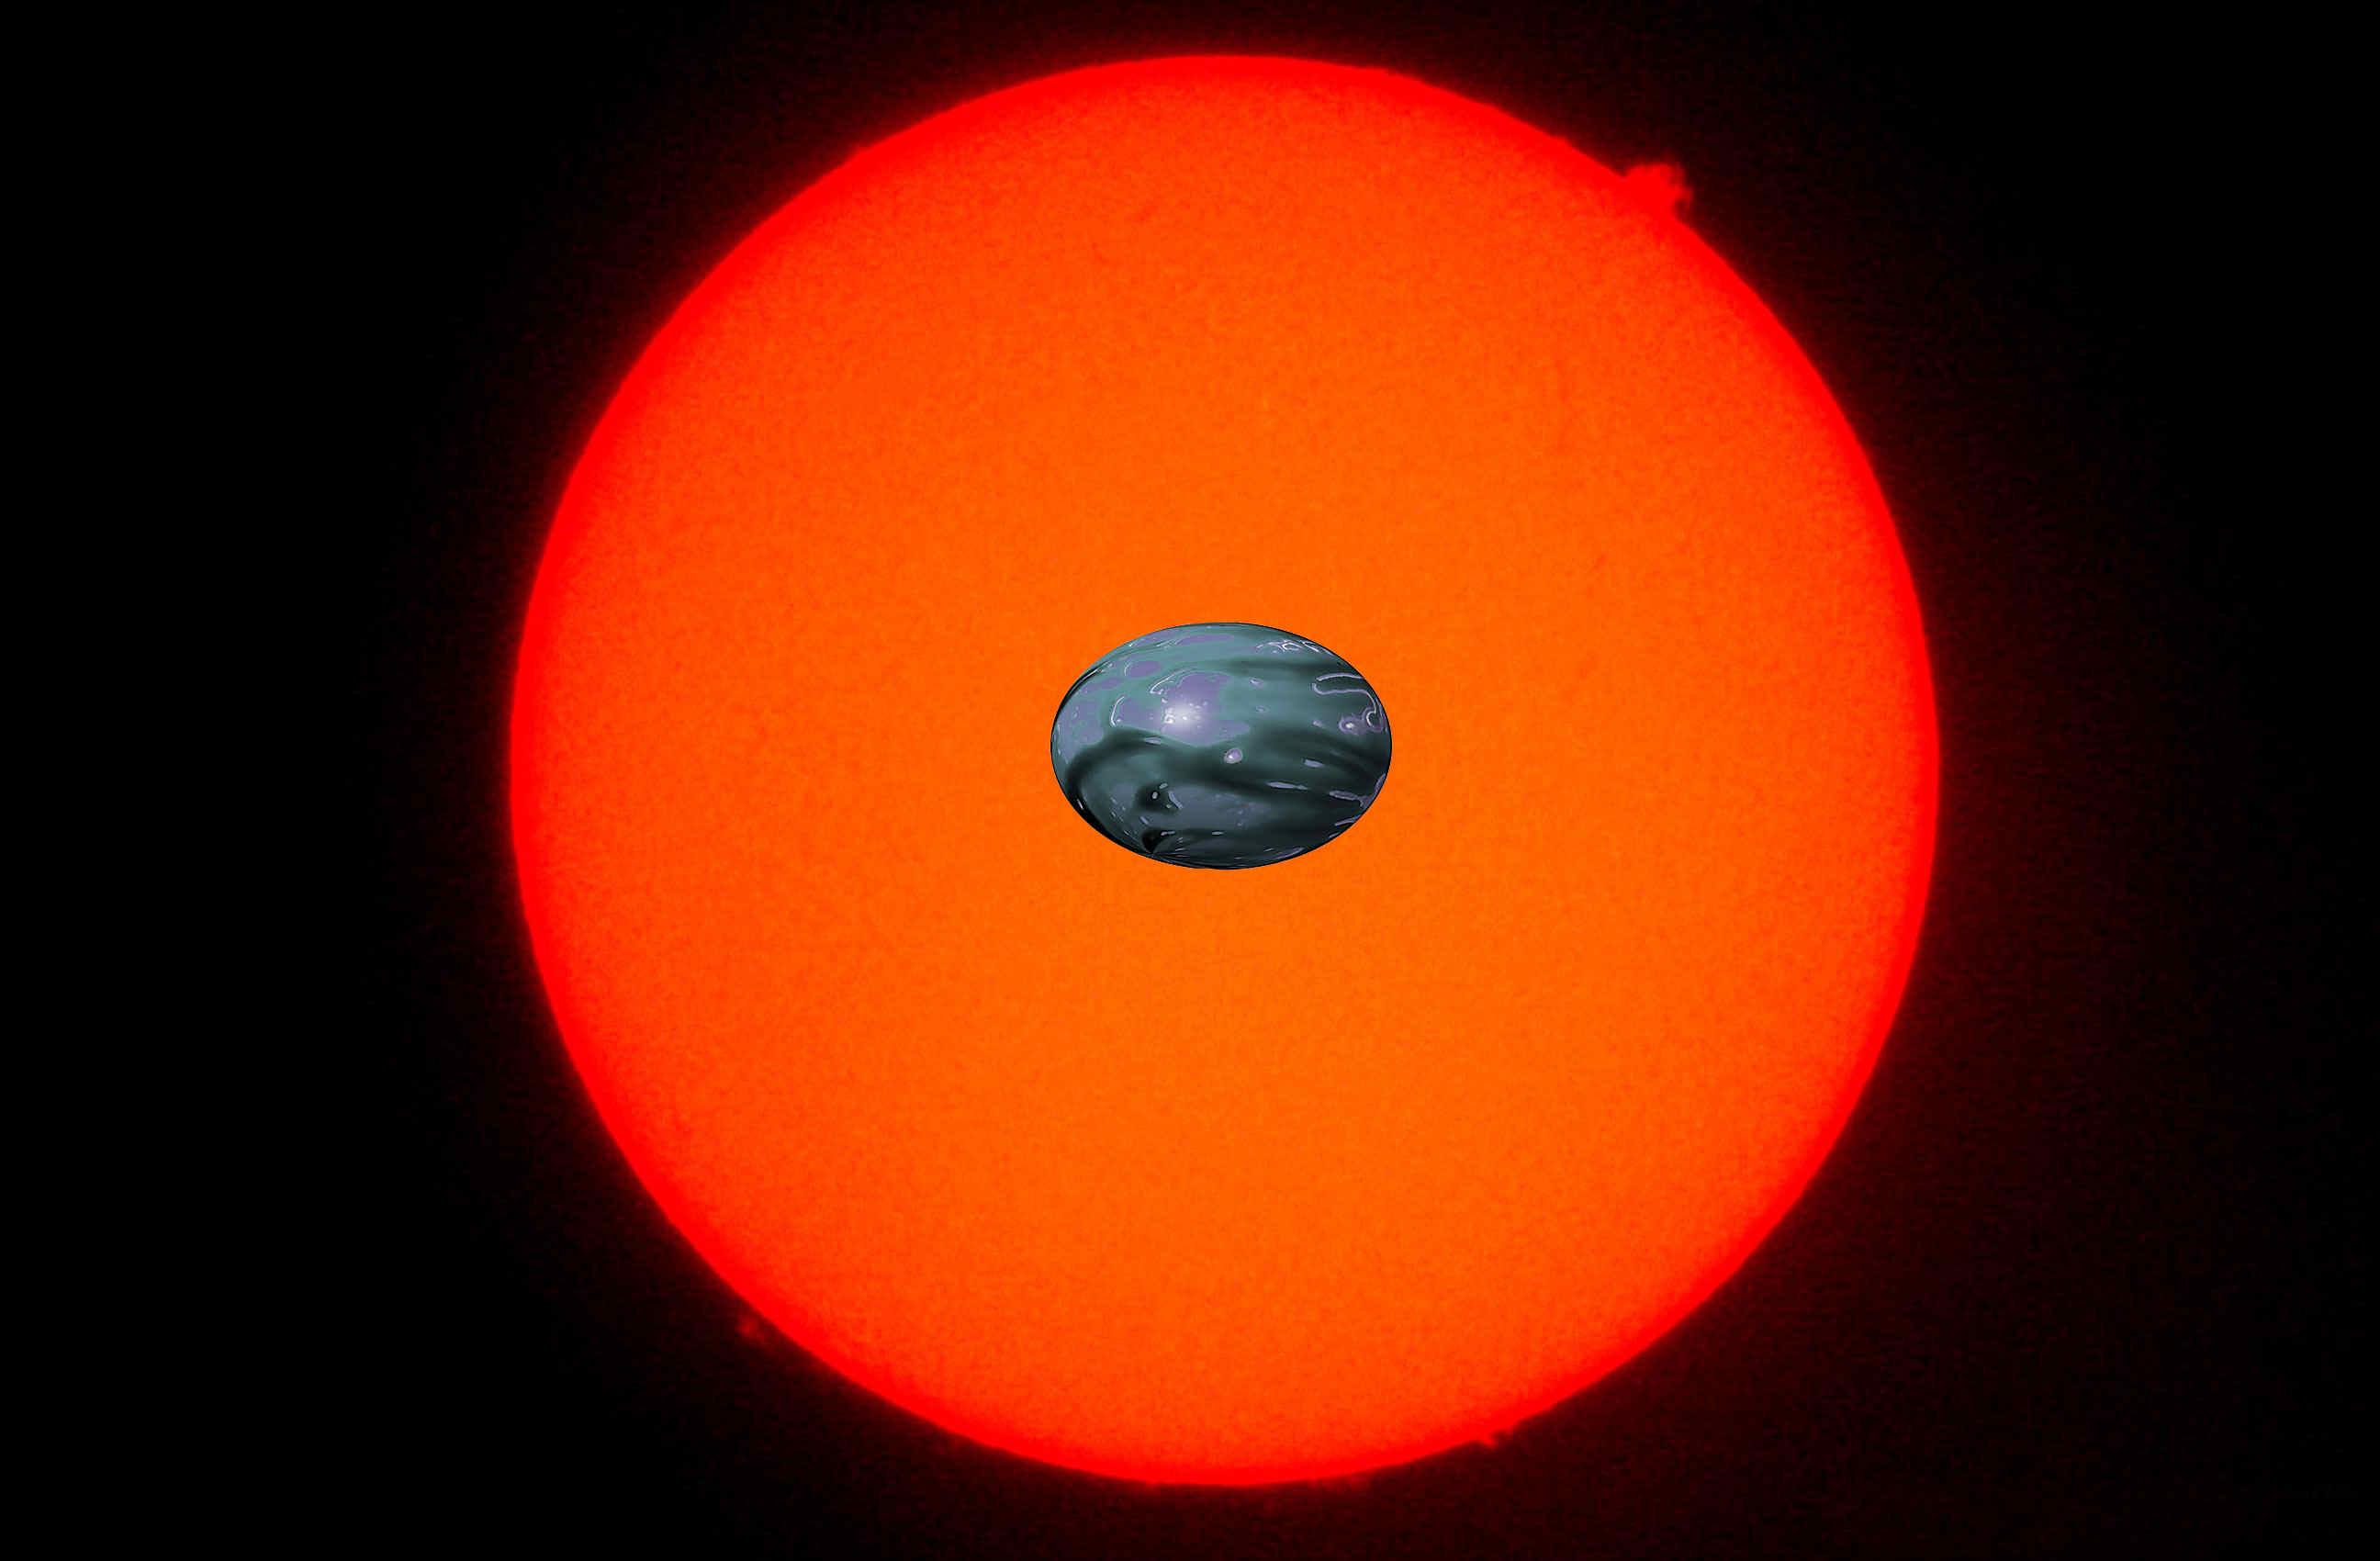 Rappresentazione artistica di un pianeta dalla forma allungata - Credits Shivam Sikroria.